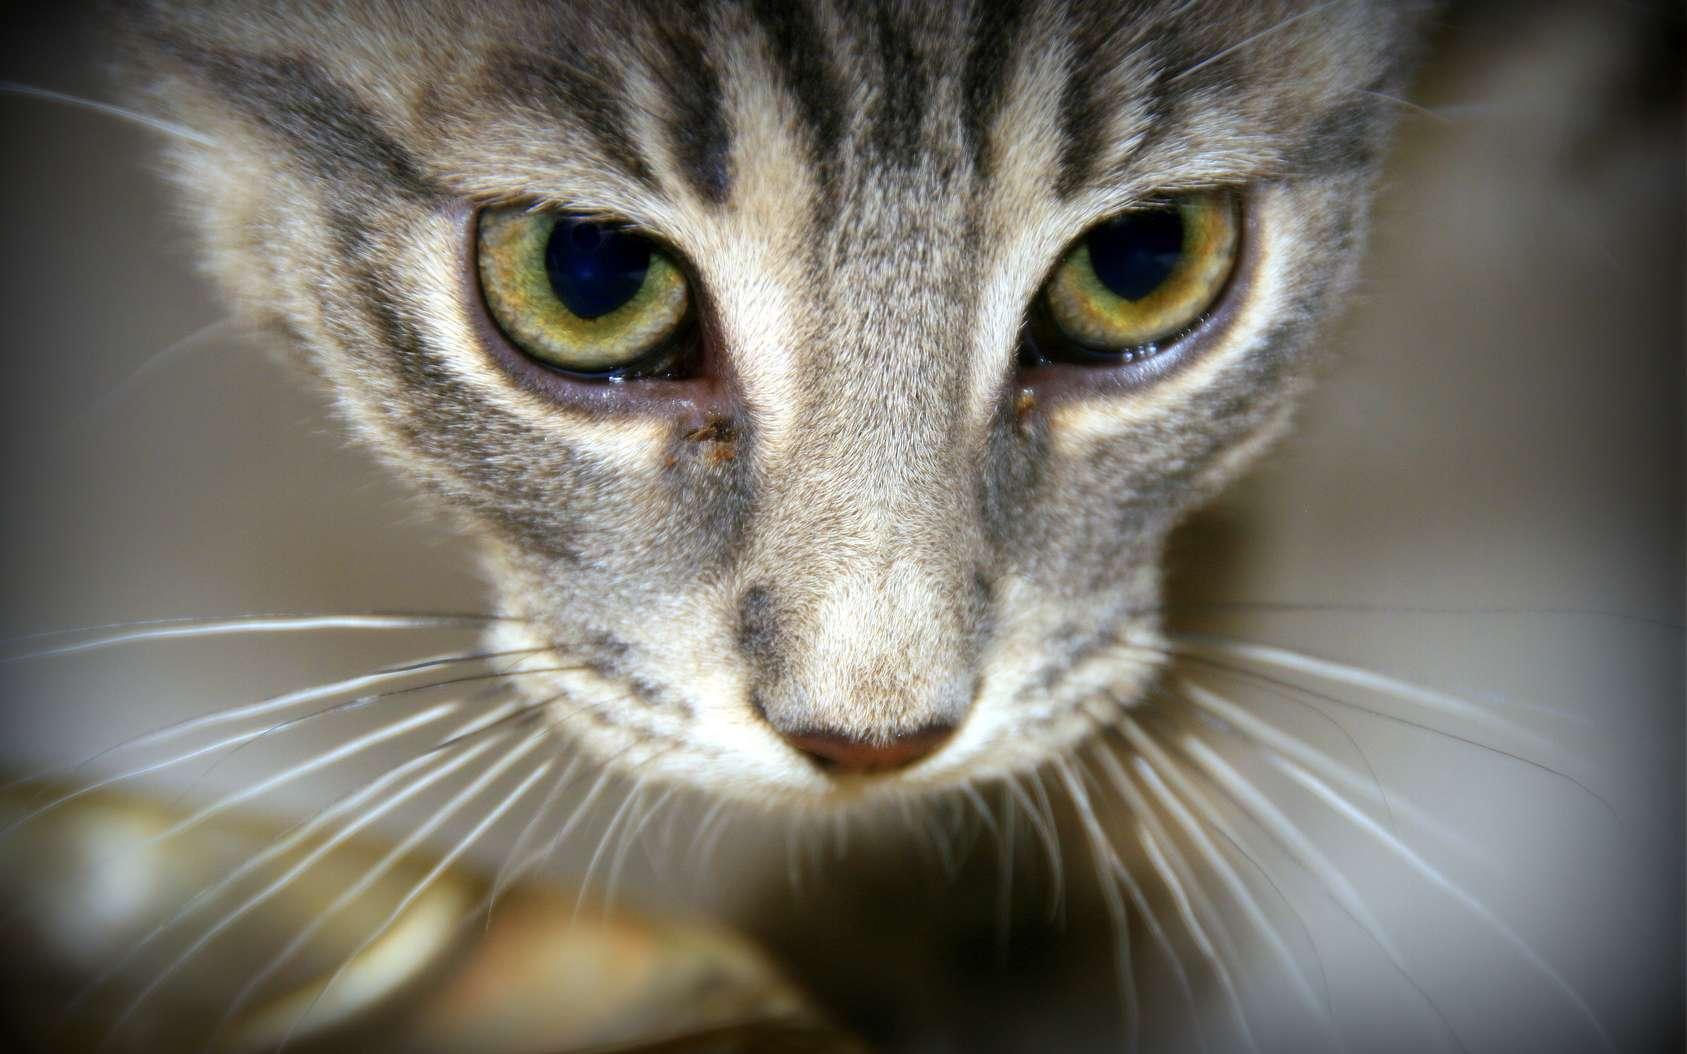 Les moustaches du chat – que l'on devrait plutôt appeler vibrisses – lui servent notamment à bien se situer dans l'espace. © rak7, fotolia